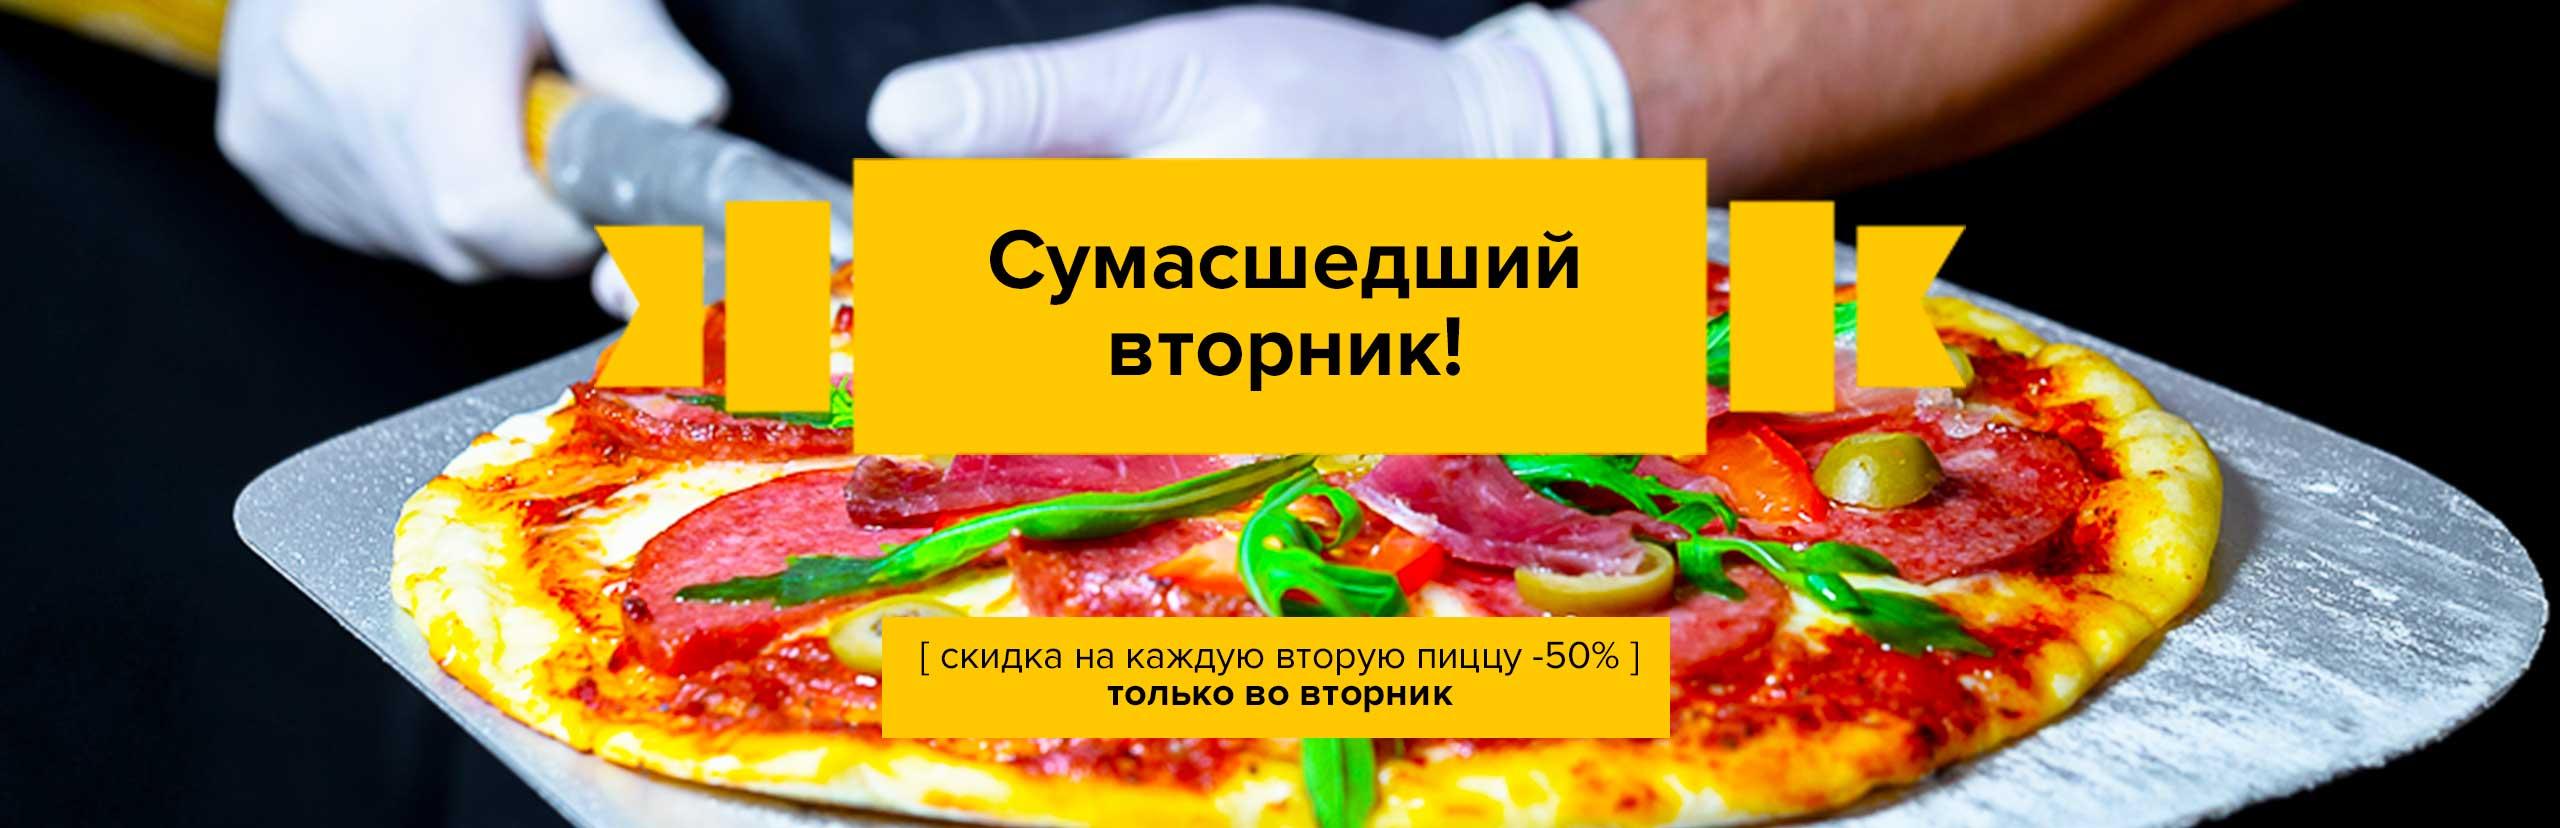 Cкидка на пиццу с доставкой в Ирпень, Бучу, Гостомель - фото